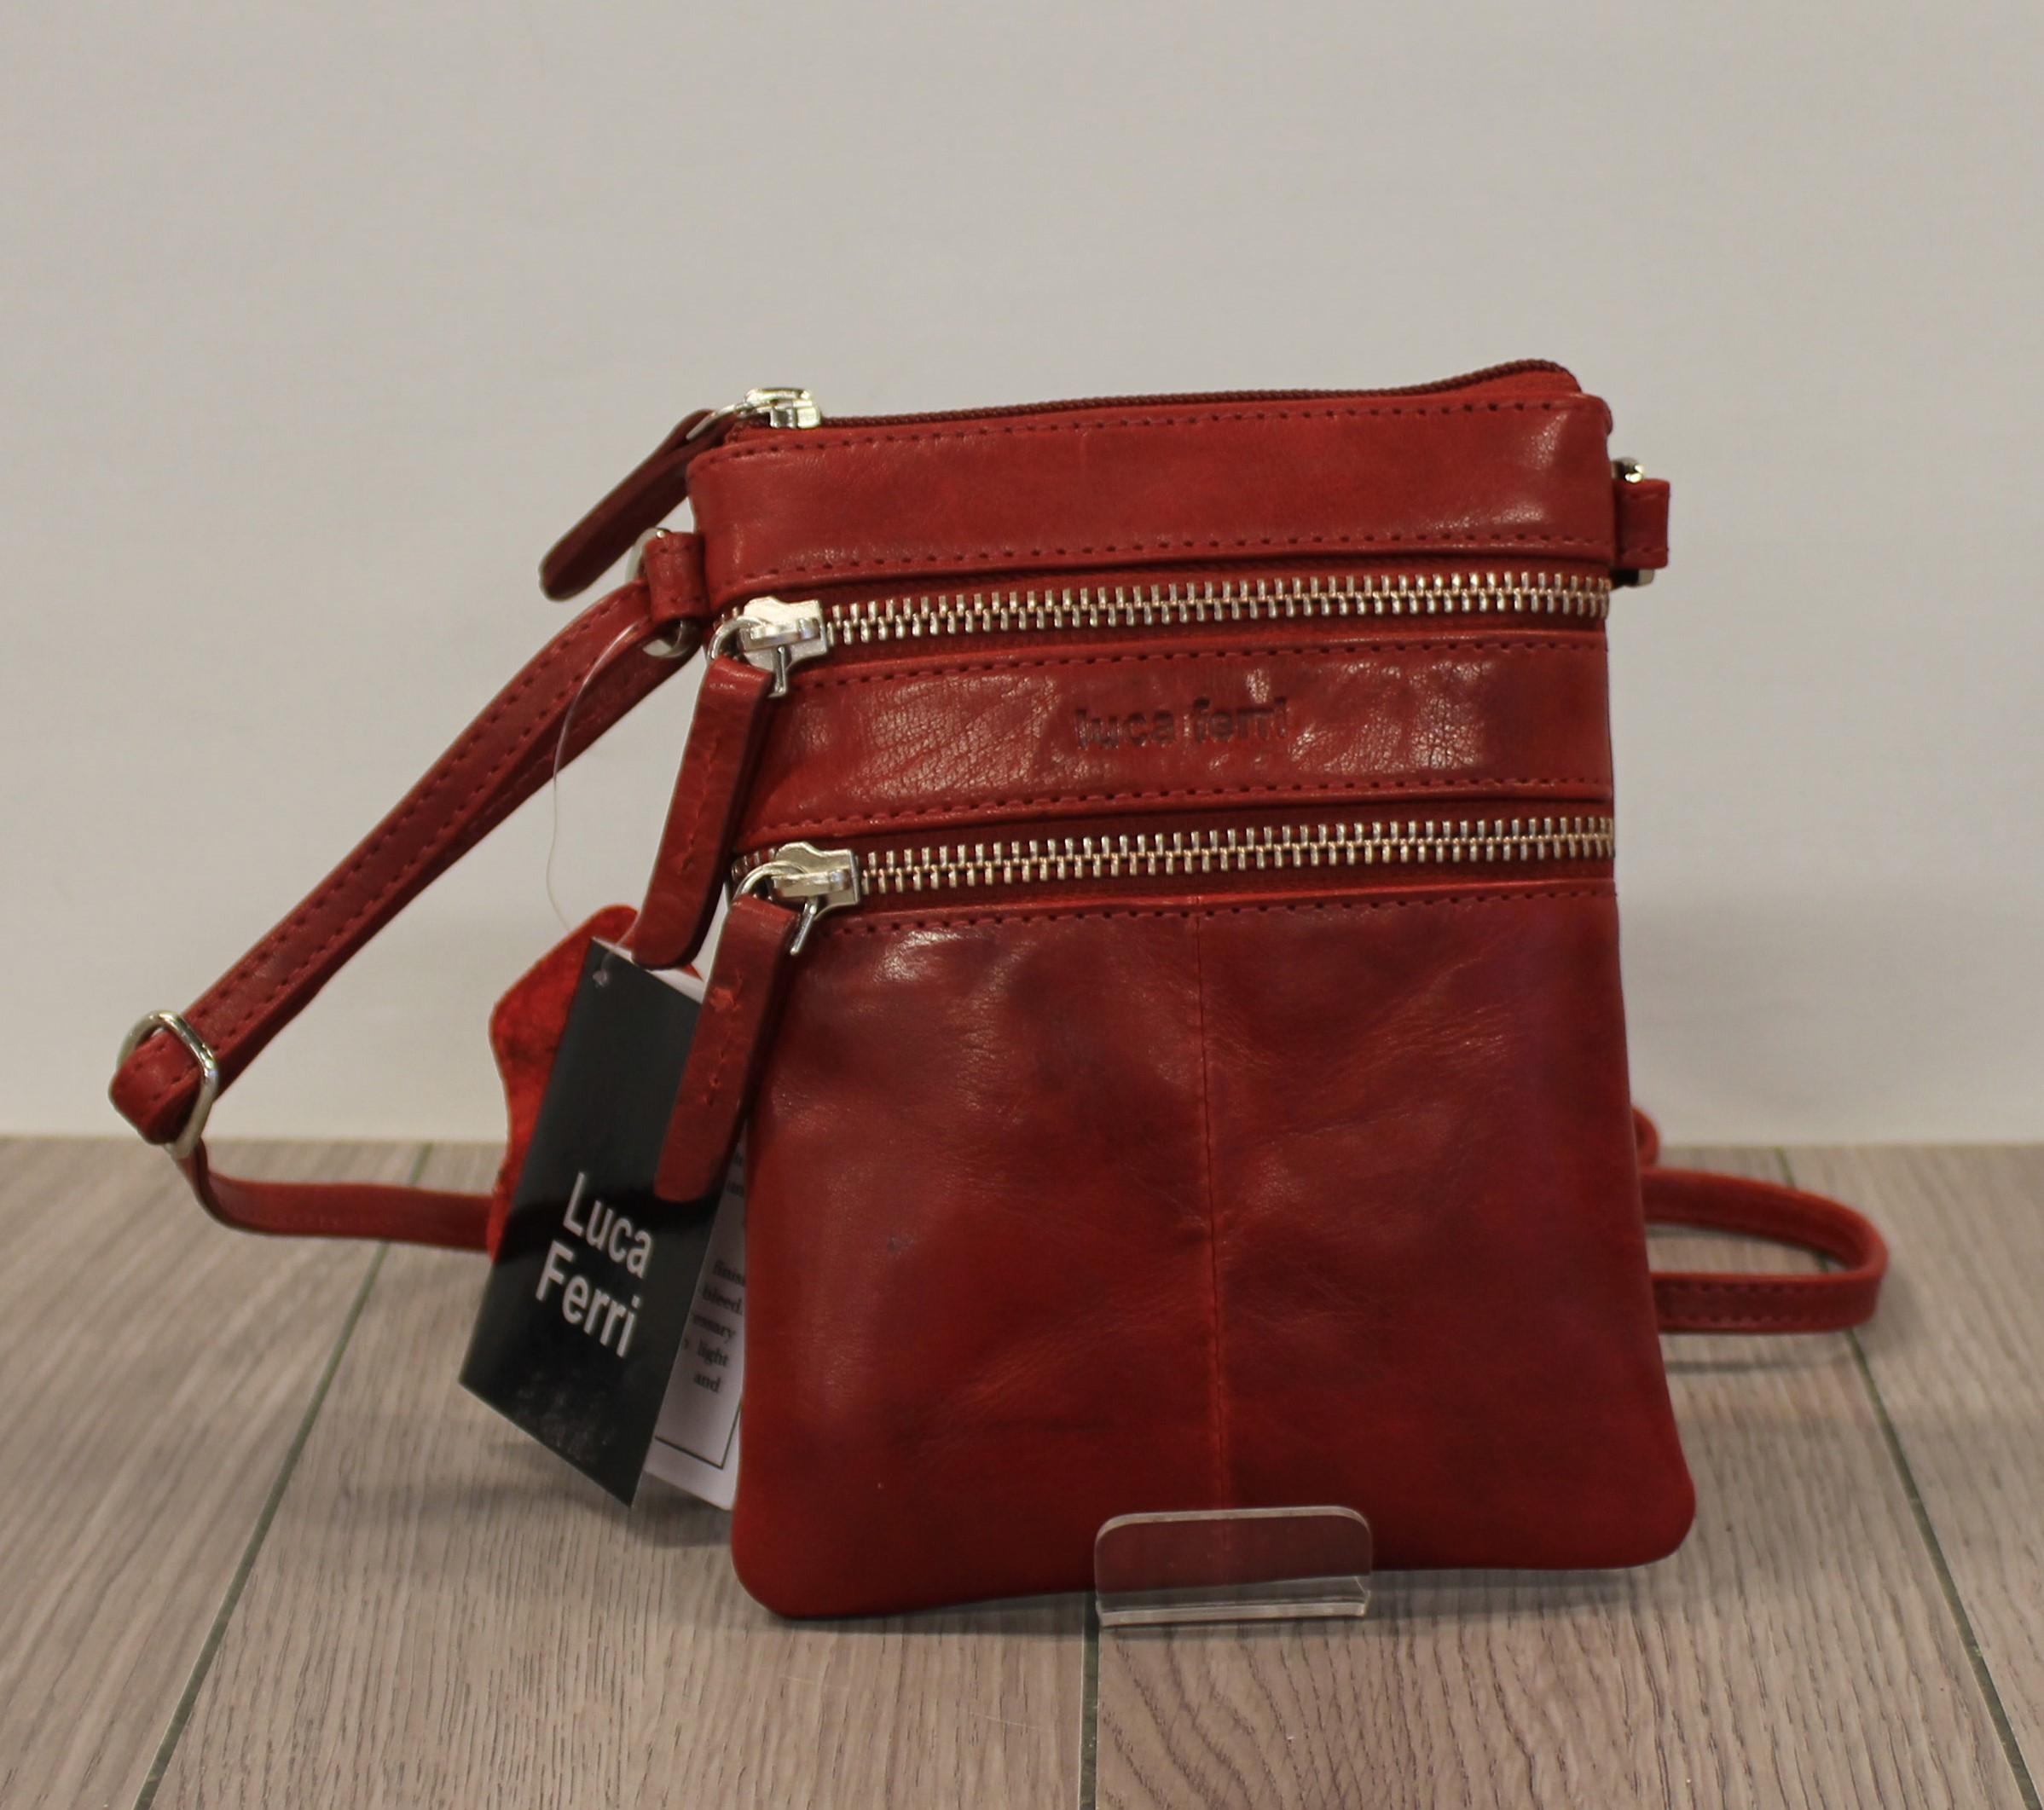 Väska 5-7401